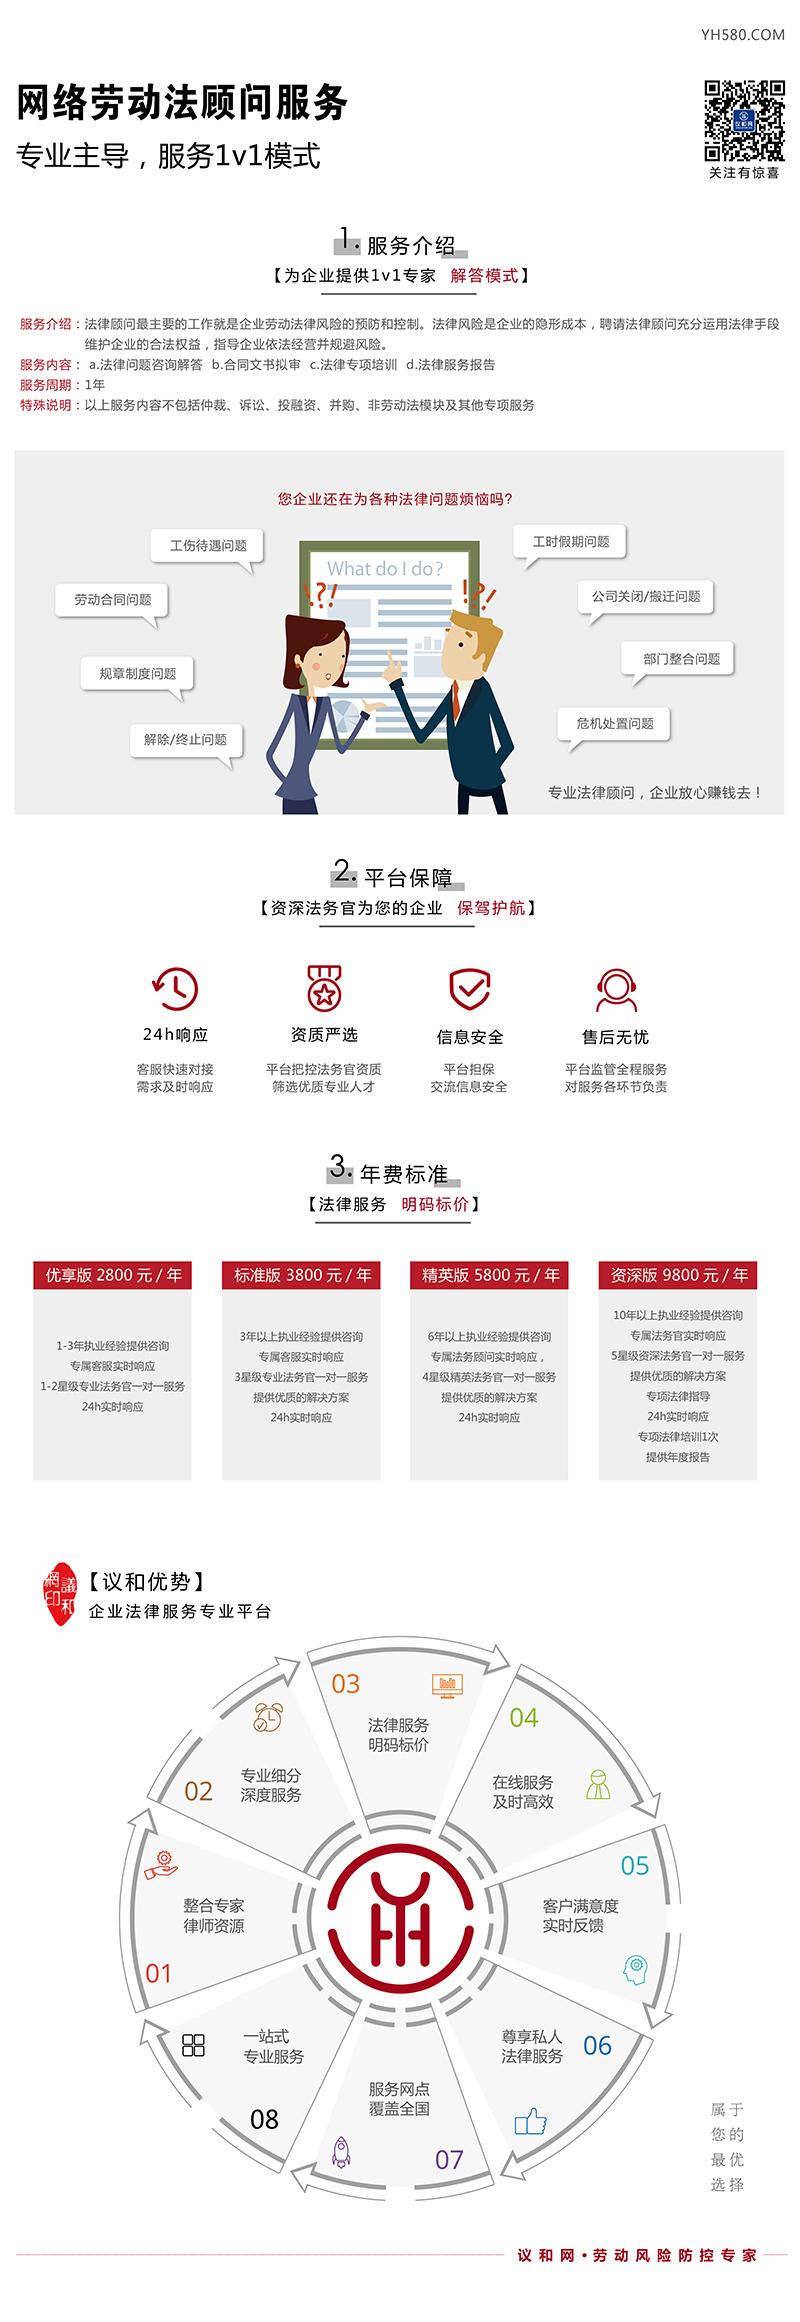 网络劳动法律顾问_画板-1.jpg